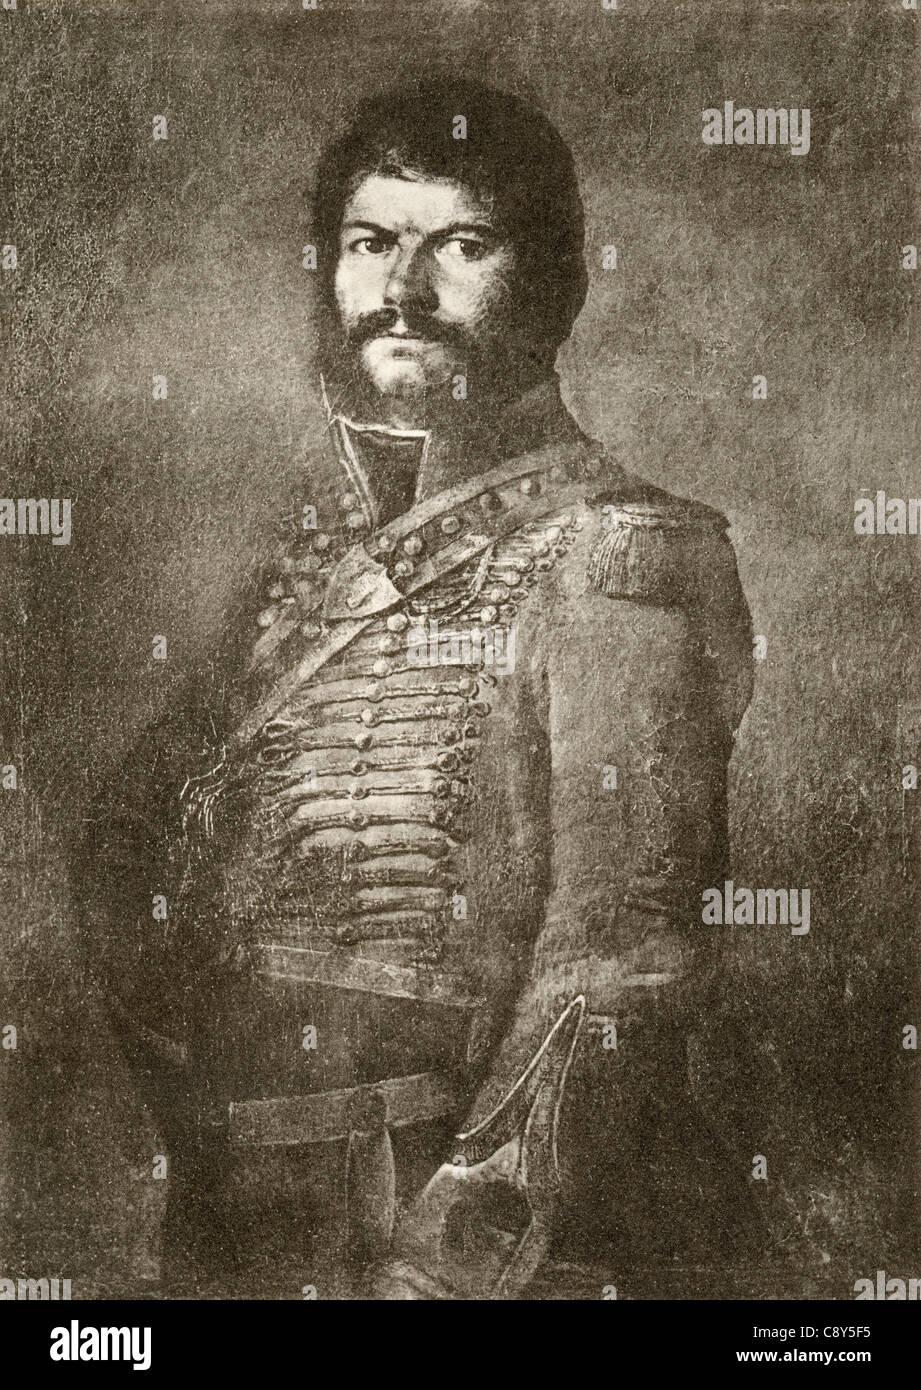 Juan Martín Díez, El Empecinado, 1775 -1825. Spanish soldier and guerilla leader during the Spanish War - Stock Image